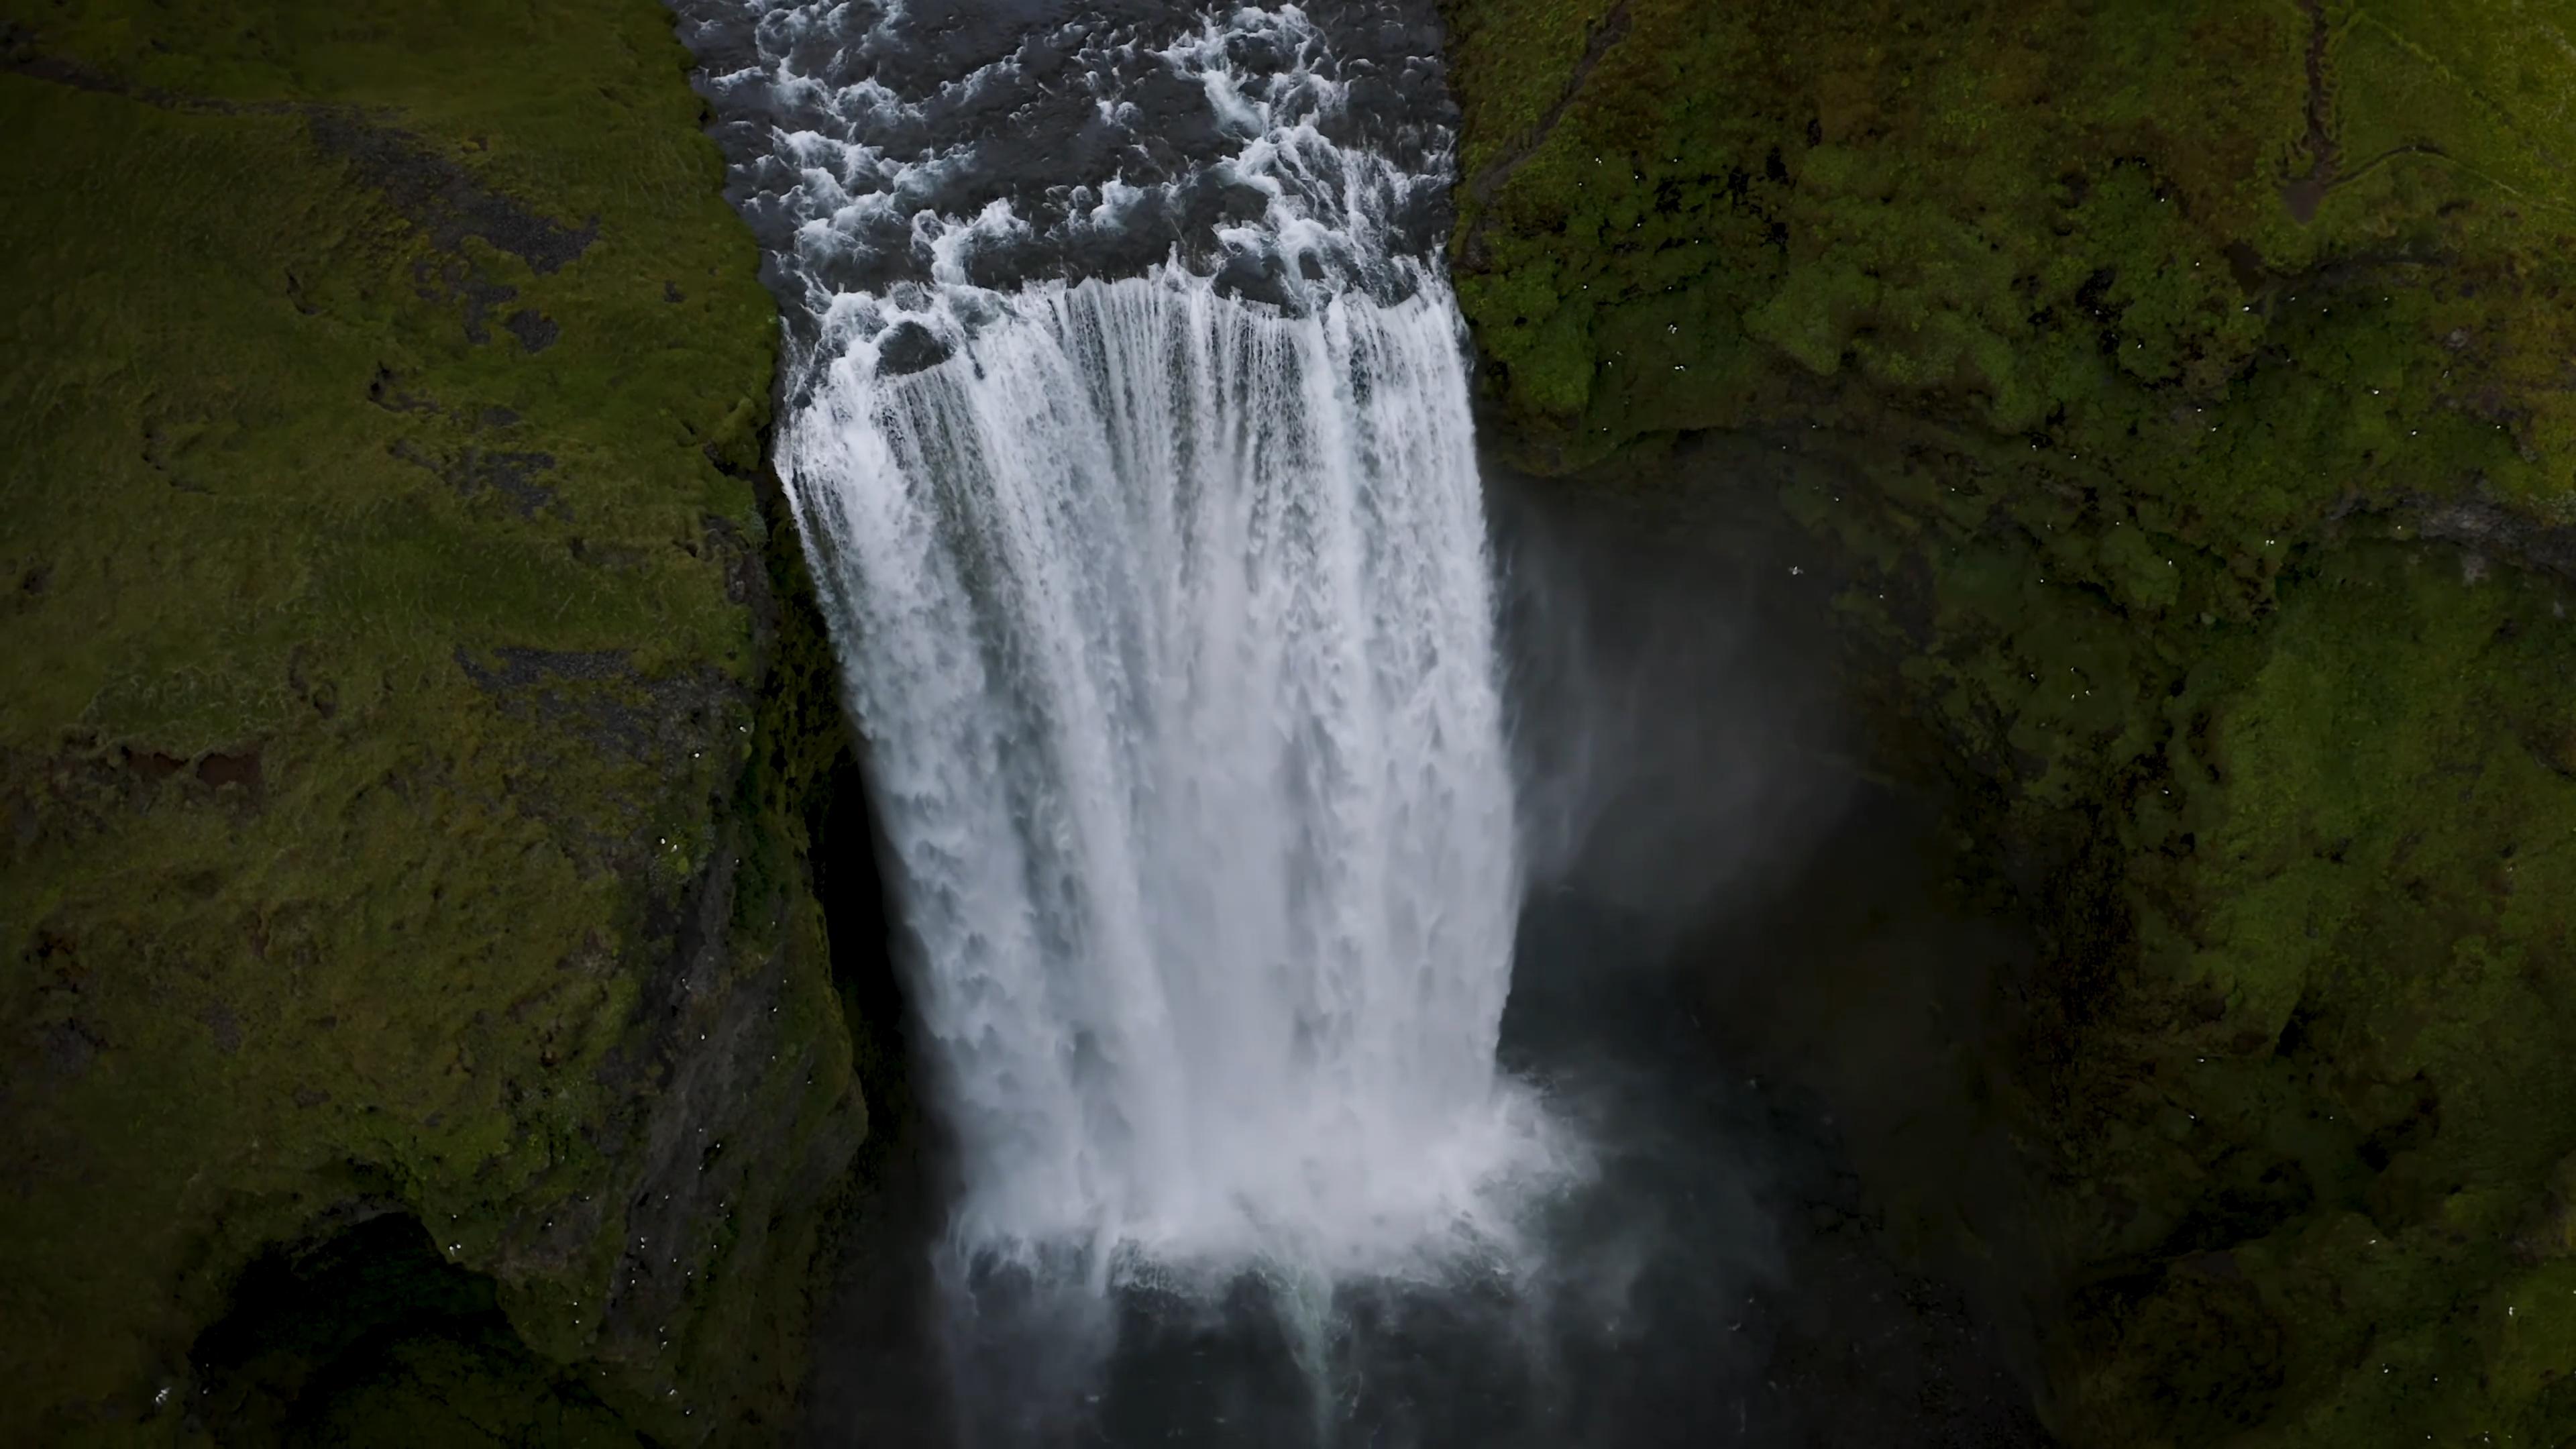 冰岛美景 冰岛 冰岛风景 高山流水 冰川 河流 峡谷 地理